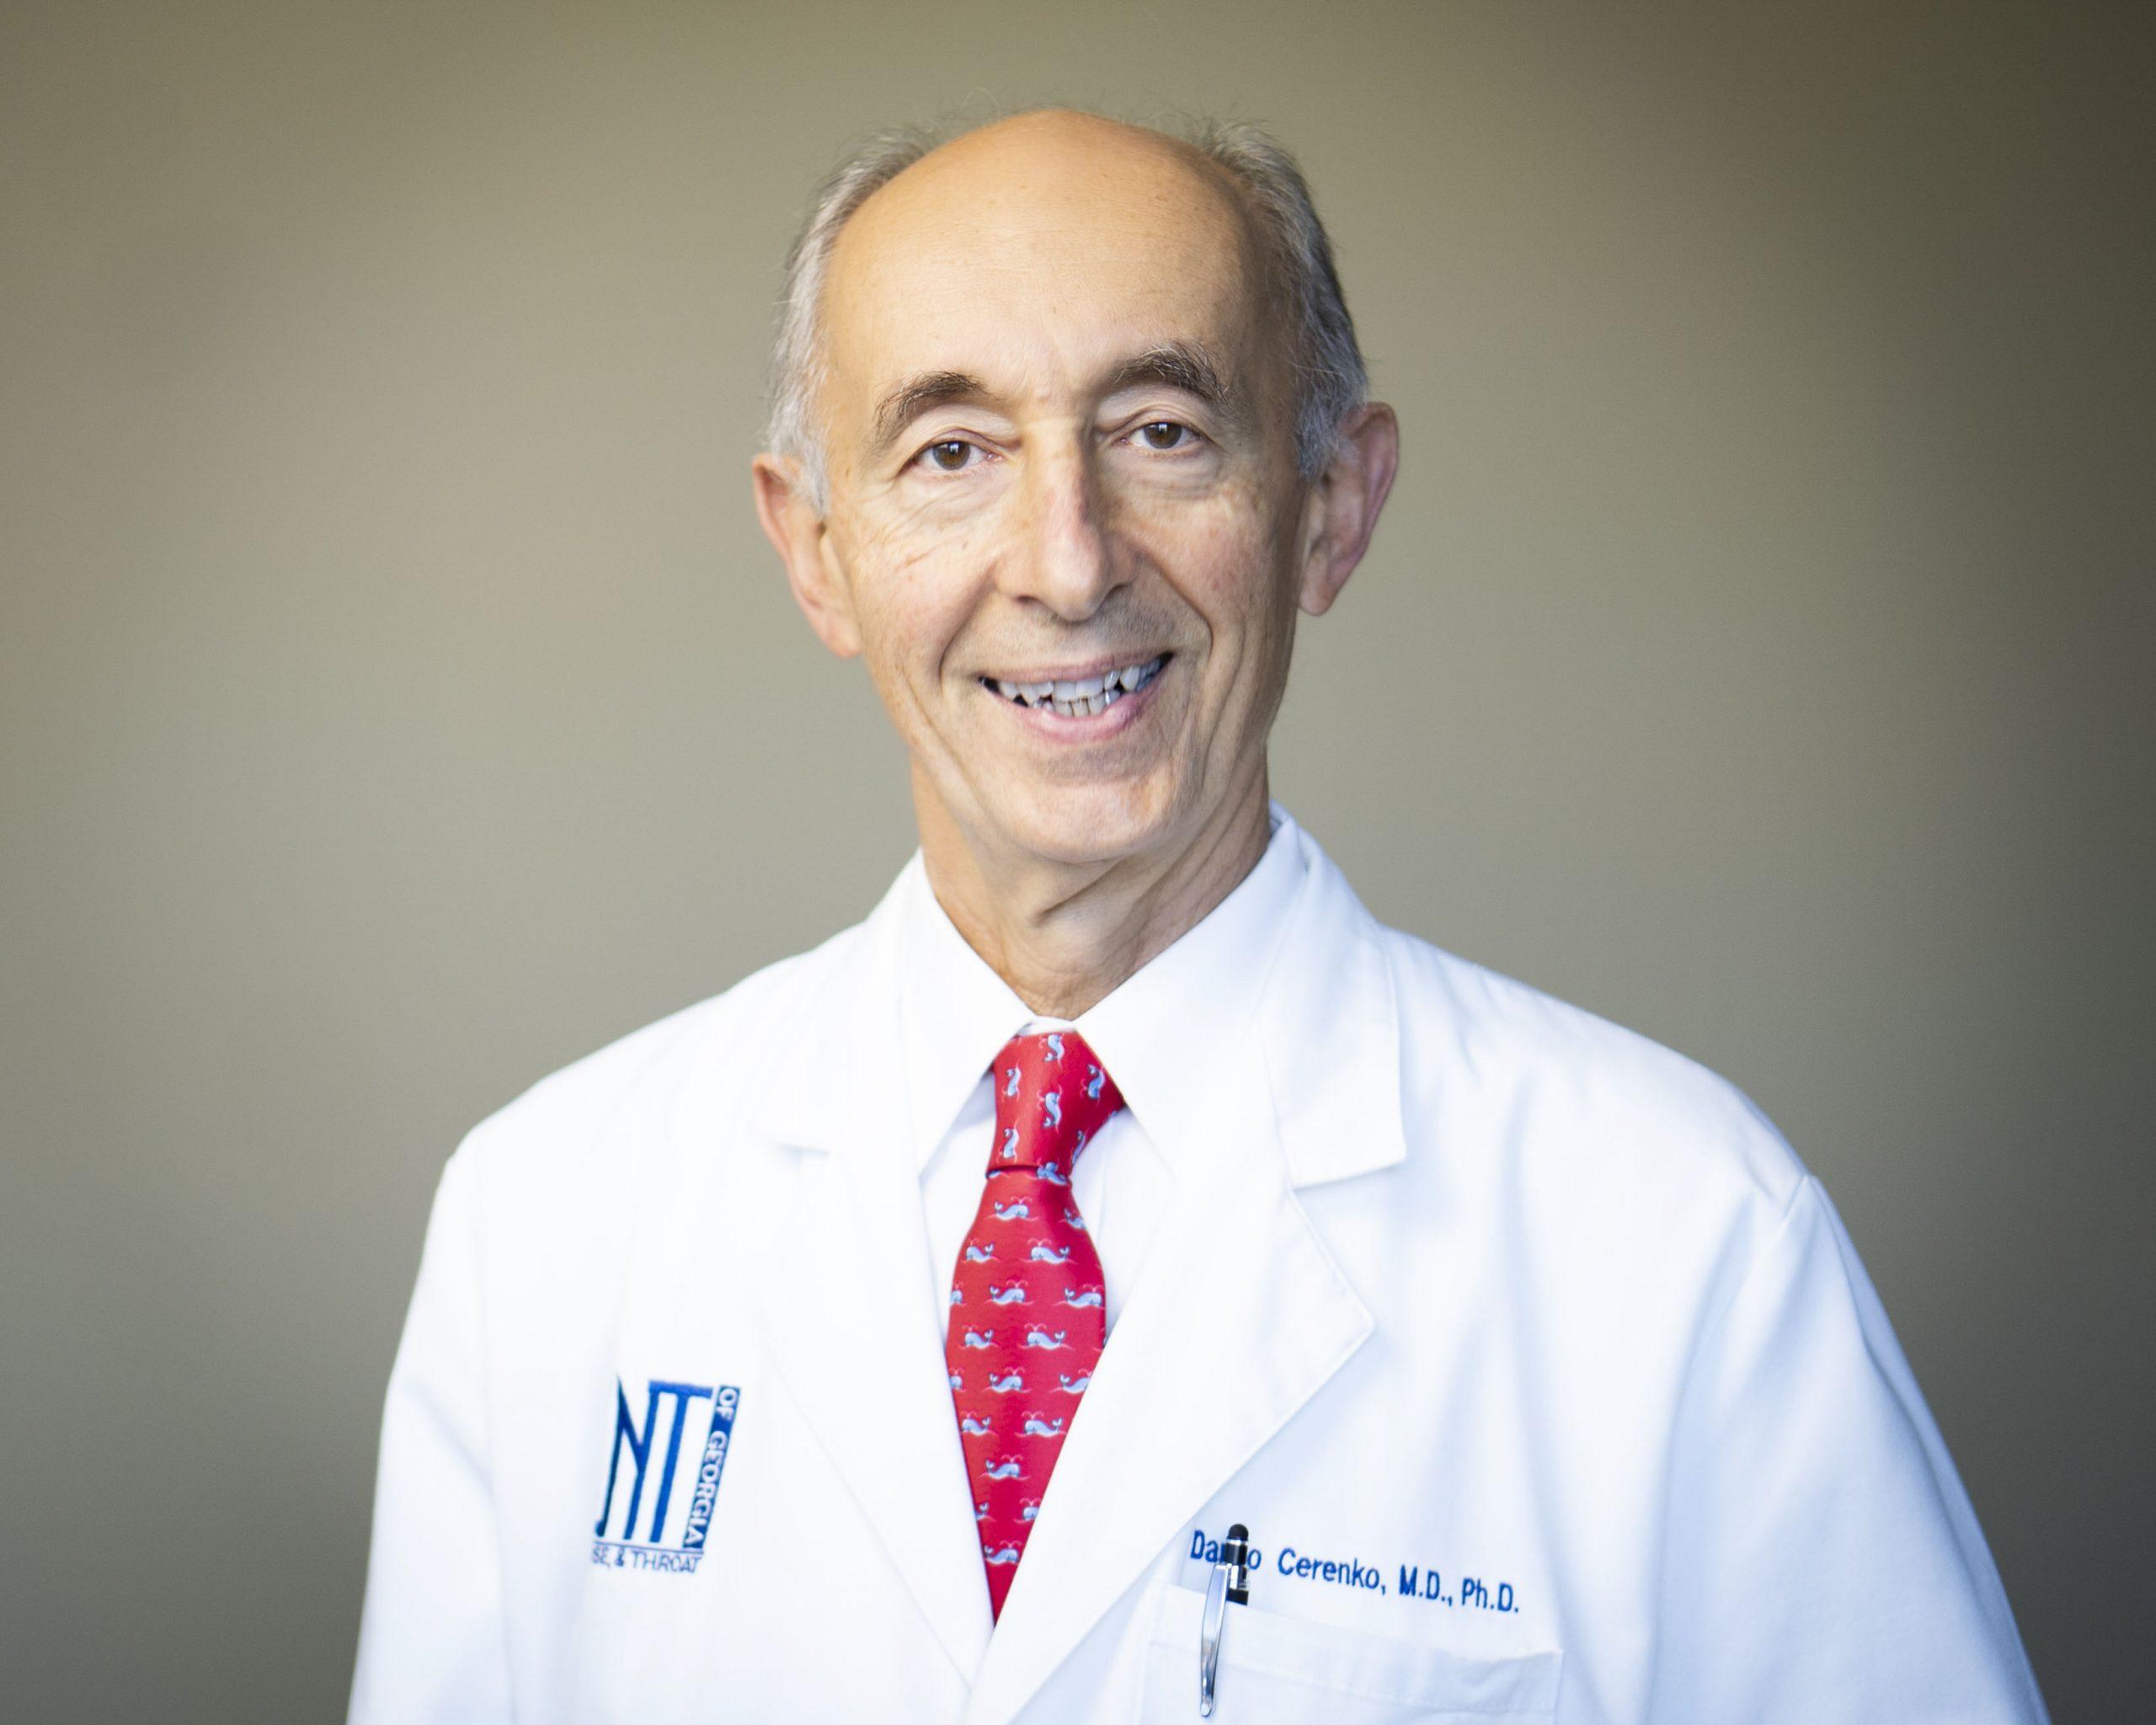 Dr. Danko Cerenko